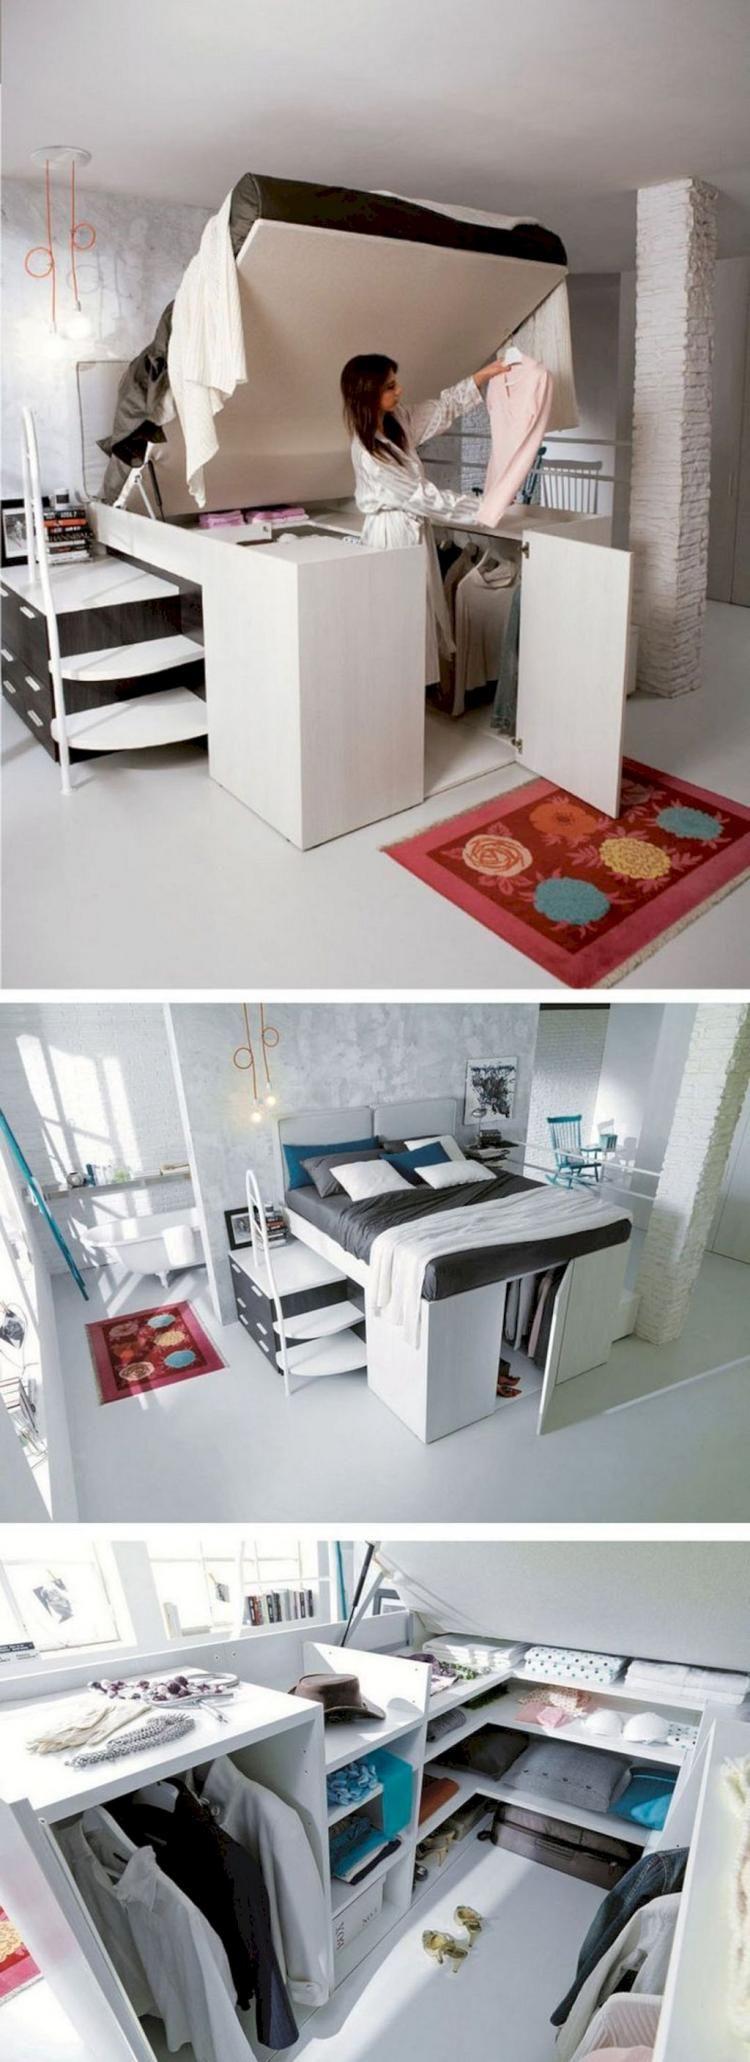 50 Admirable Bedroom Storage Ideas Ide Dekorasi Rumah Kamar Tidur Nyaman Ide Kamar Tidur